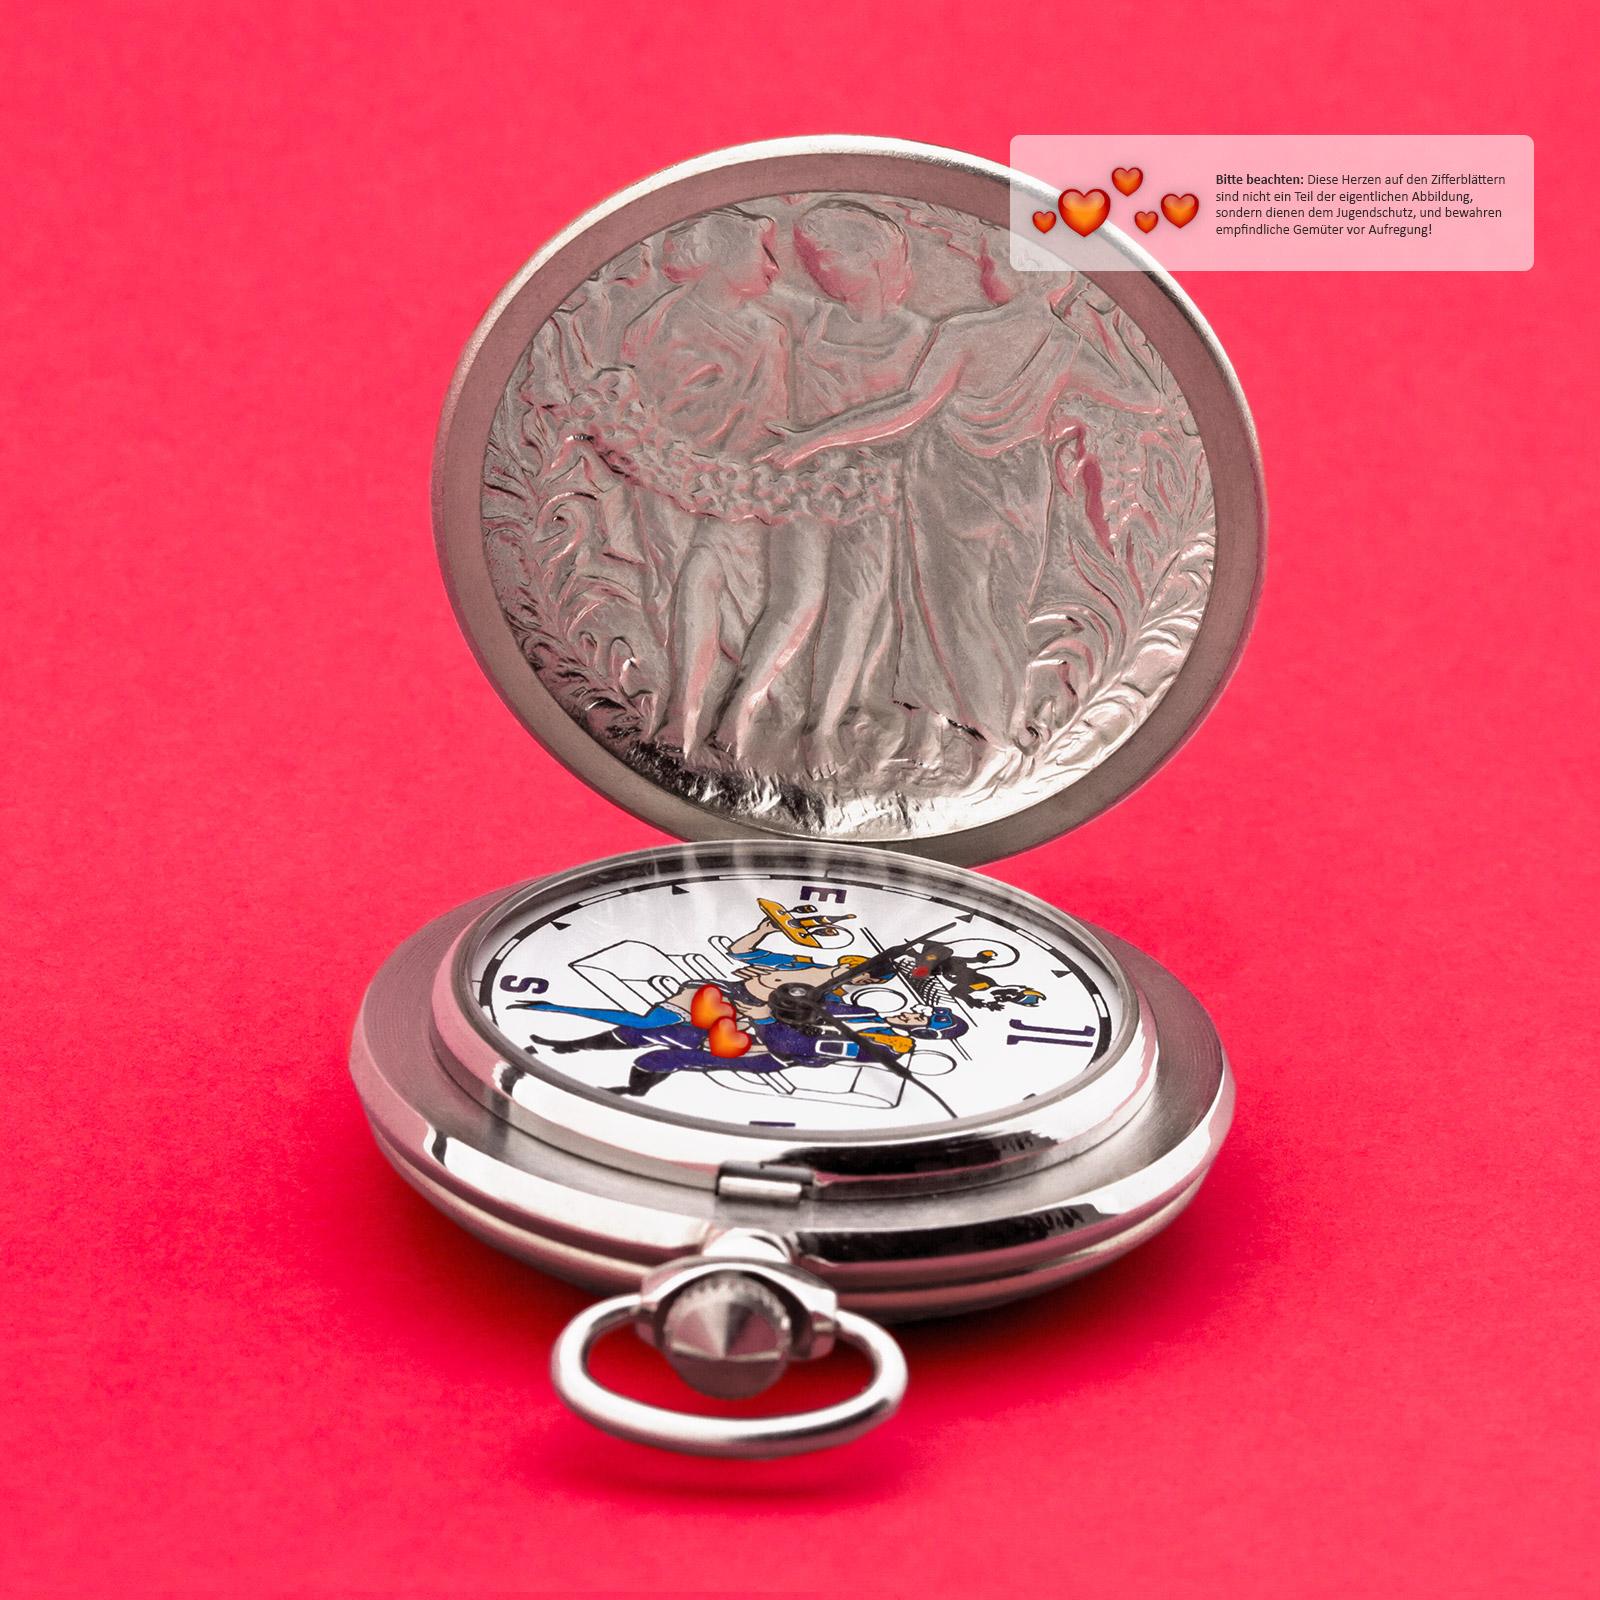 EROTIK-Taschenuhr-sexspielzeug-Pilot-Husar-Piano-mechanische-Uhr-3602-MOLNIJA-JL Indexbild 14